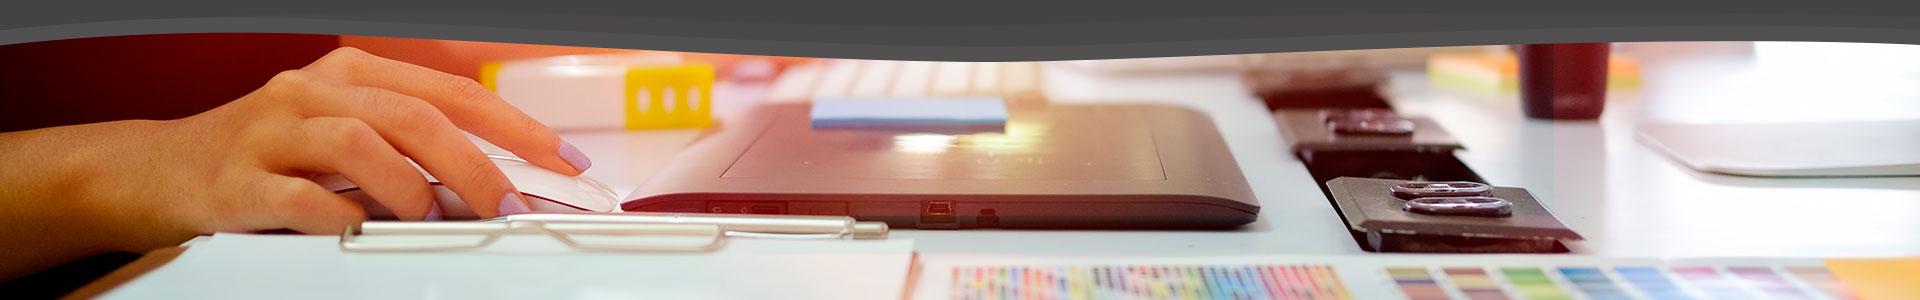 Licenciatura en Diseño Gráfico - Universidad ORT Uruguay